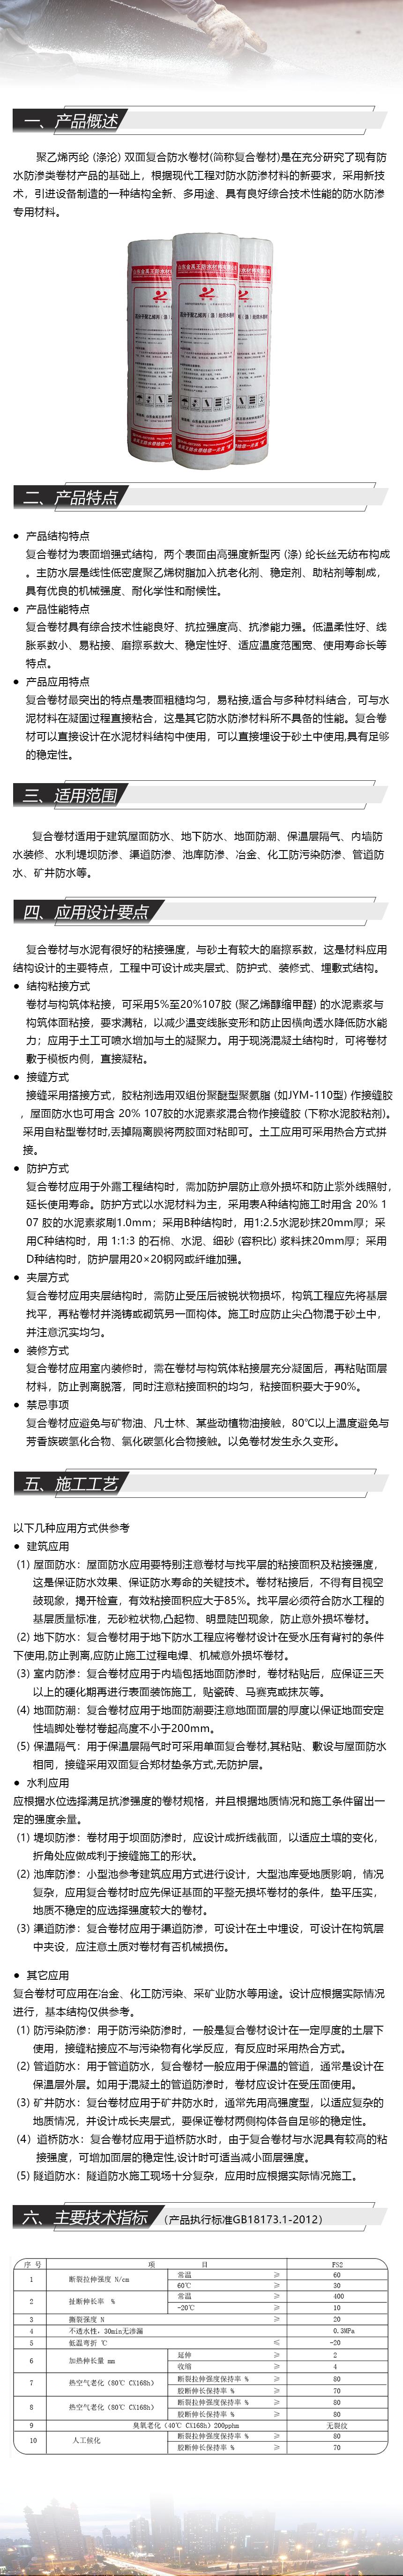 道桥用改性沥青防水涂料   (46~47).png